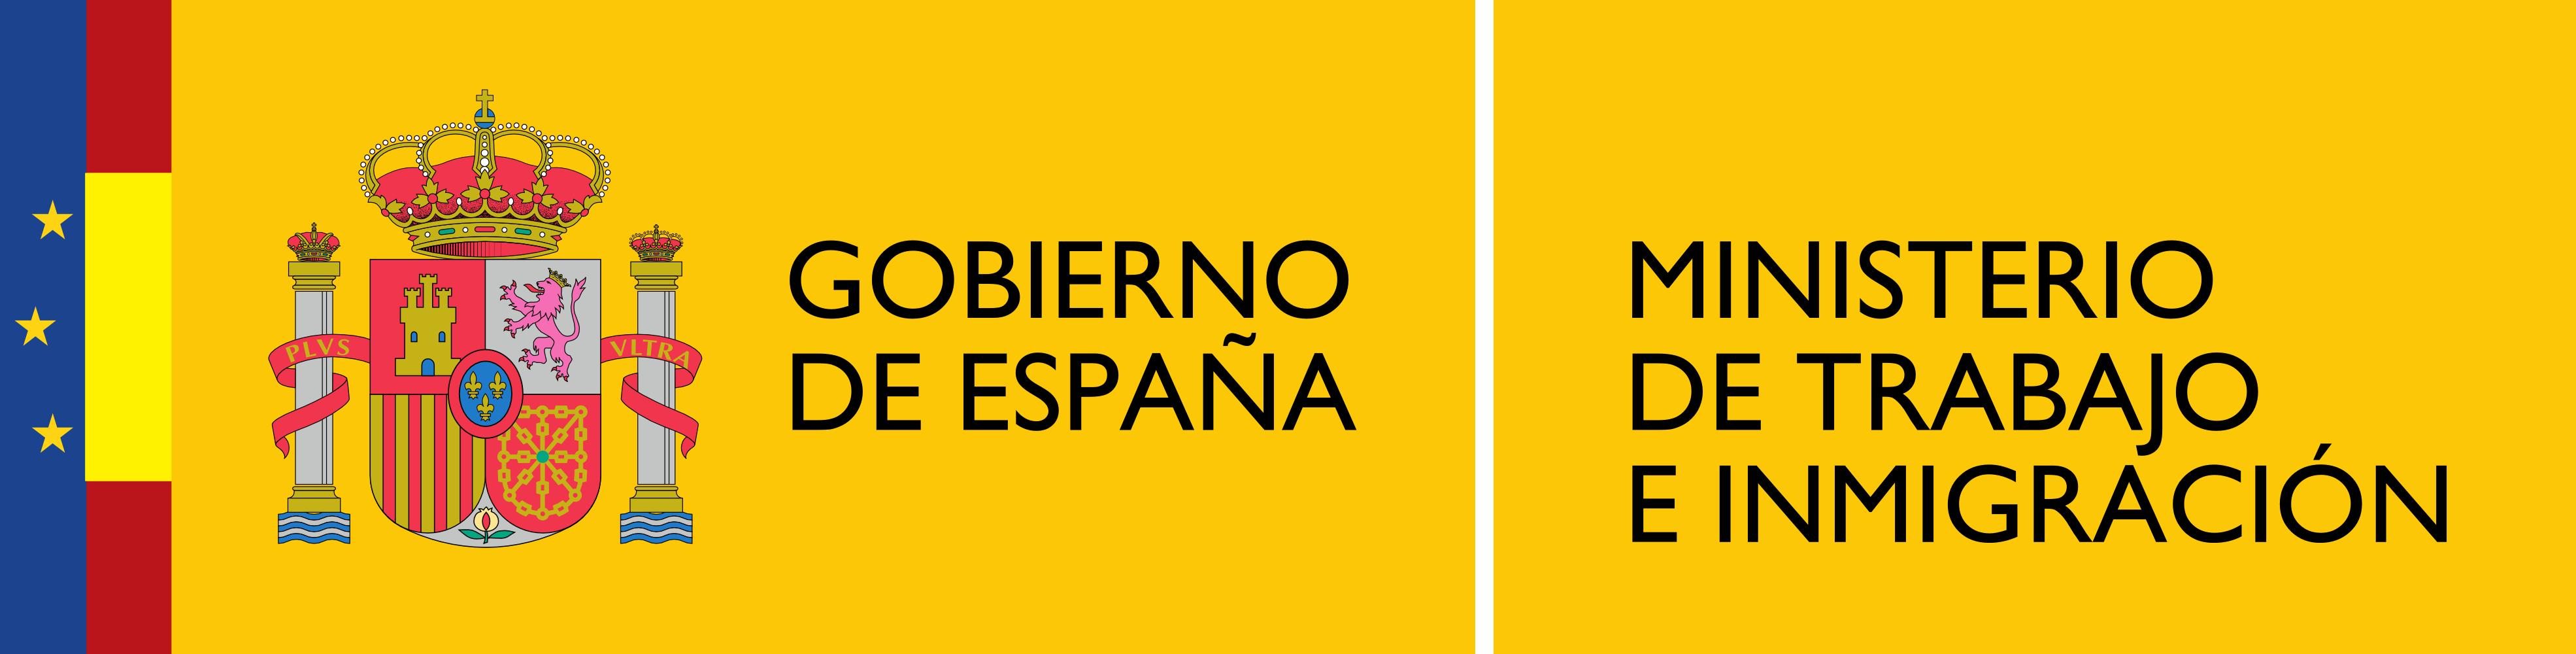 Archivo logotipo del ministerio de trabajo e inmigraci n for Ministerio de seguridad espana